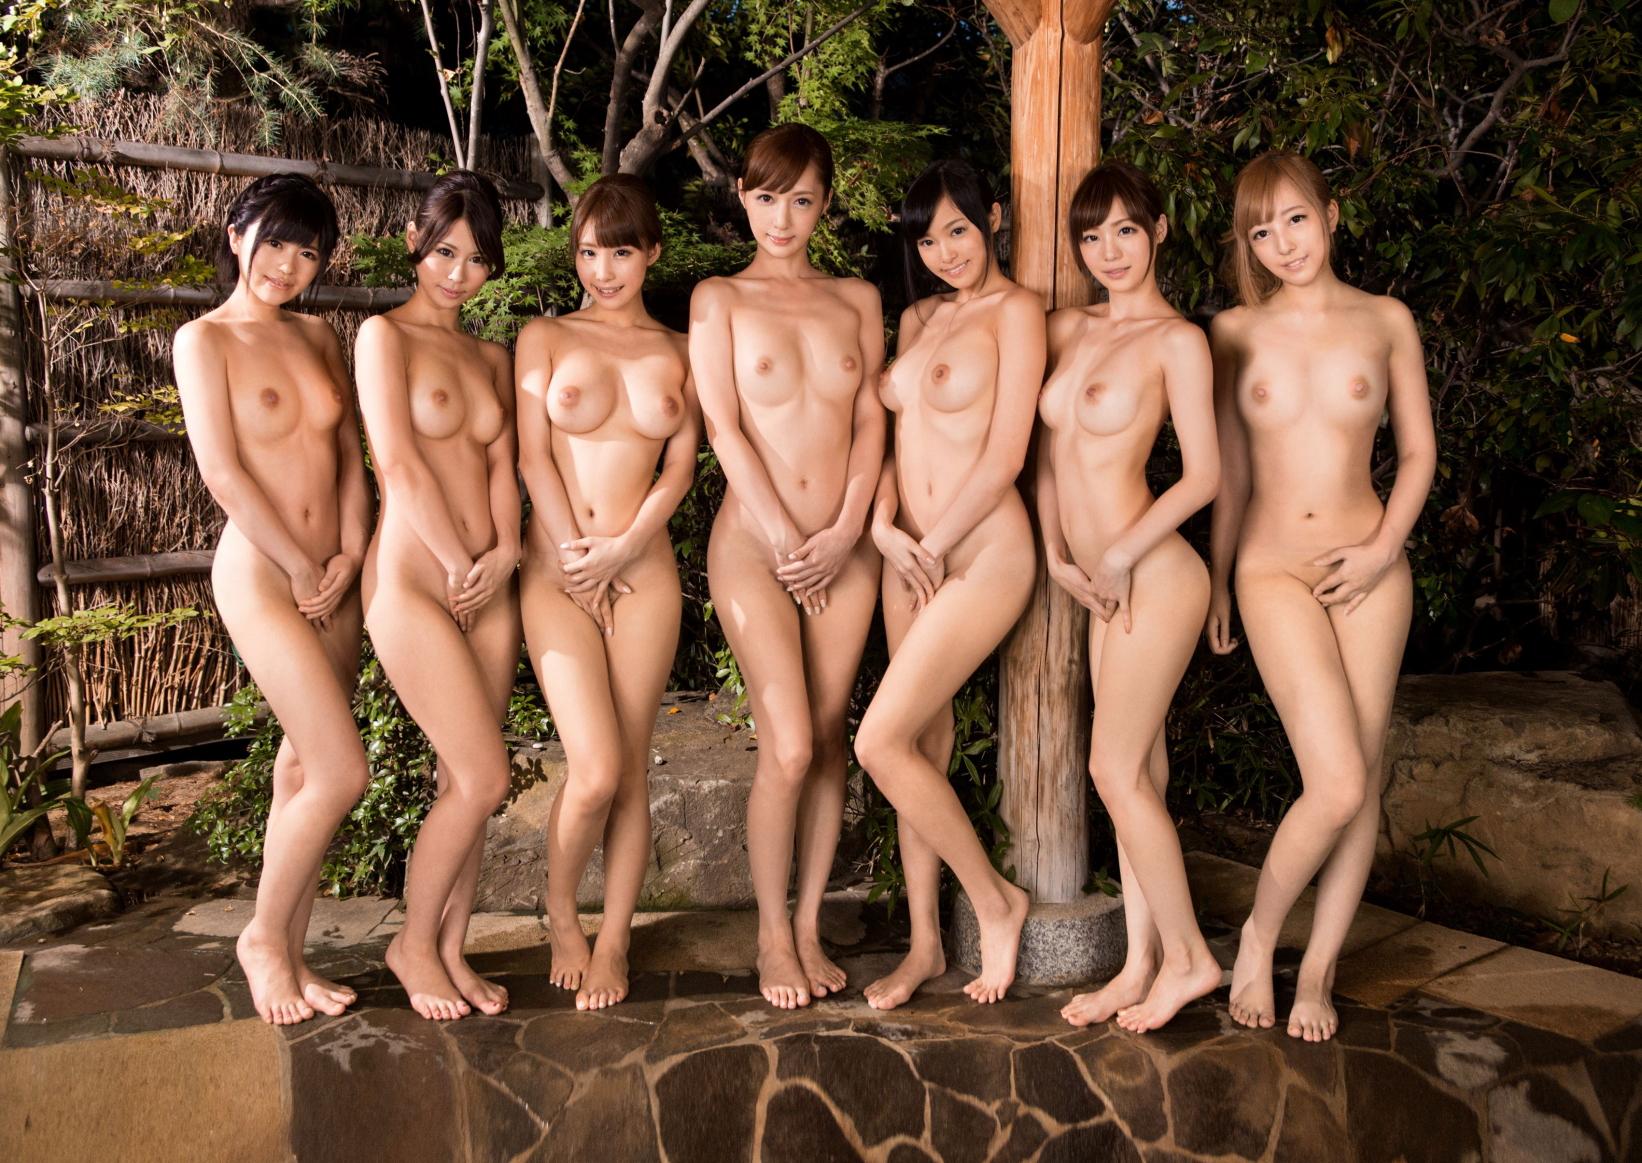 友達と記念に撮った温泉写真をうpしちゃうおバカ女子たち(24枚)・17枚目